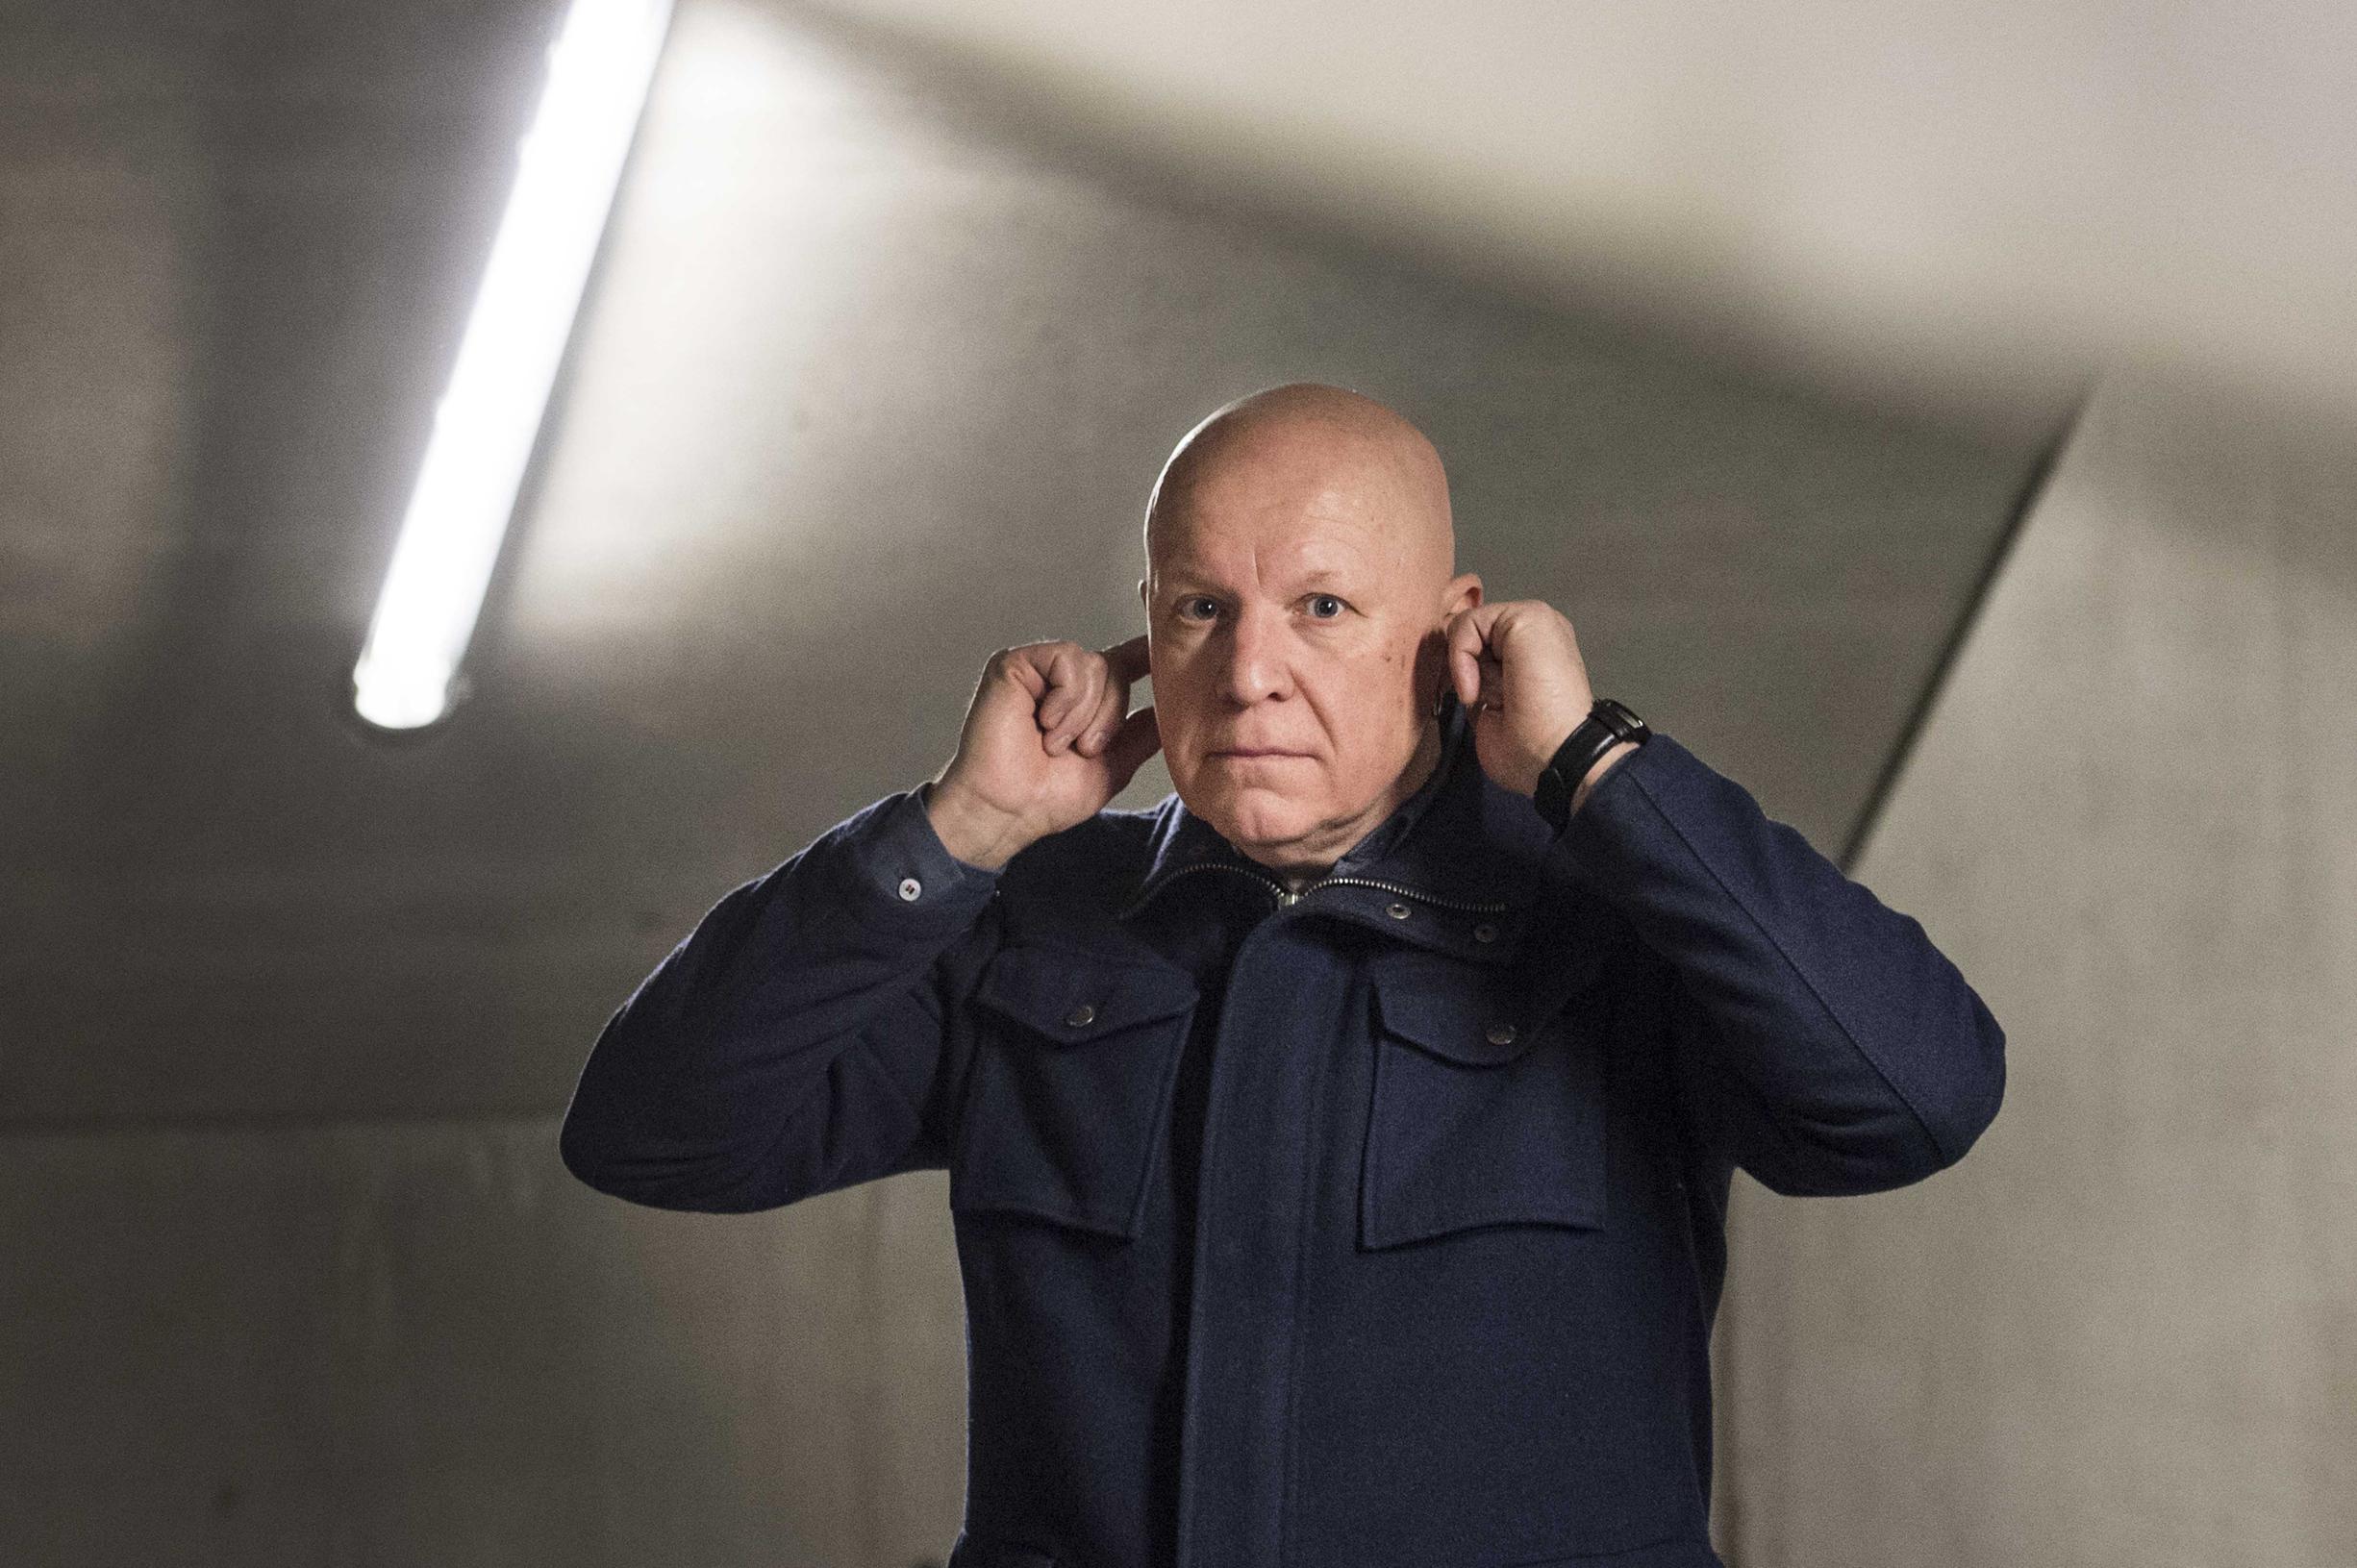 Frank Vander linden deelt zijn favoriete liedjes op Radio 1